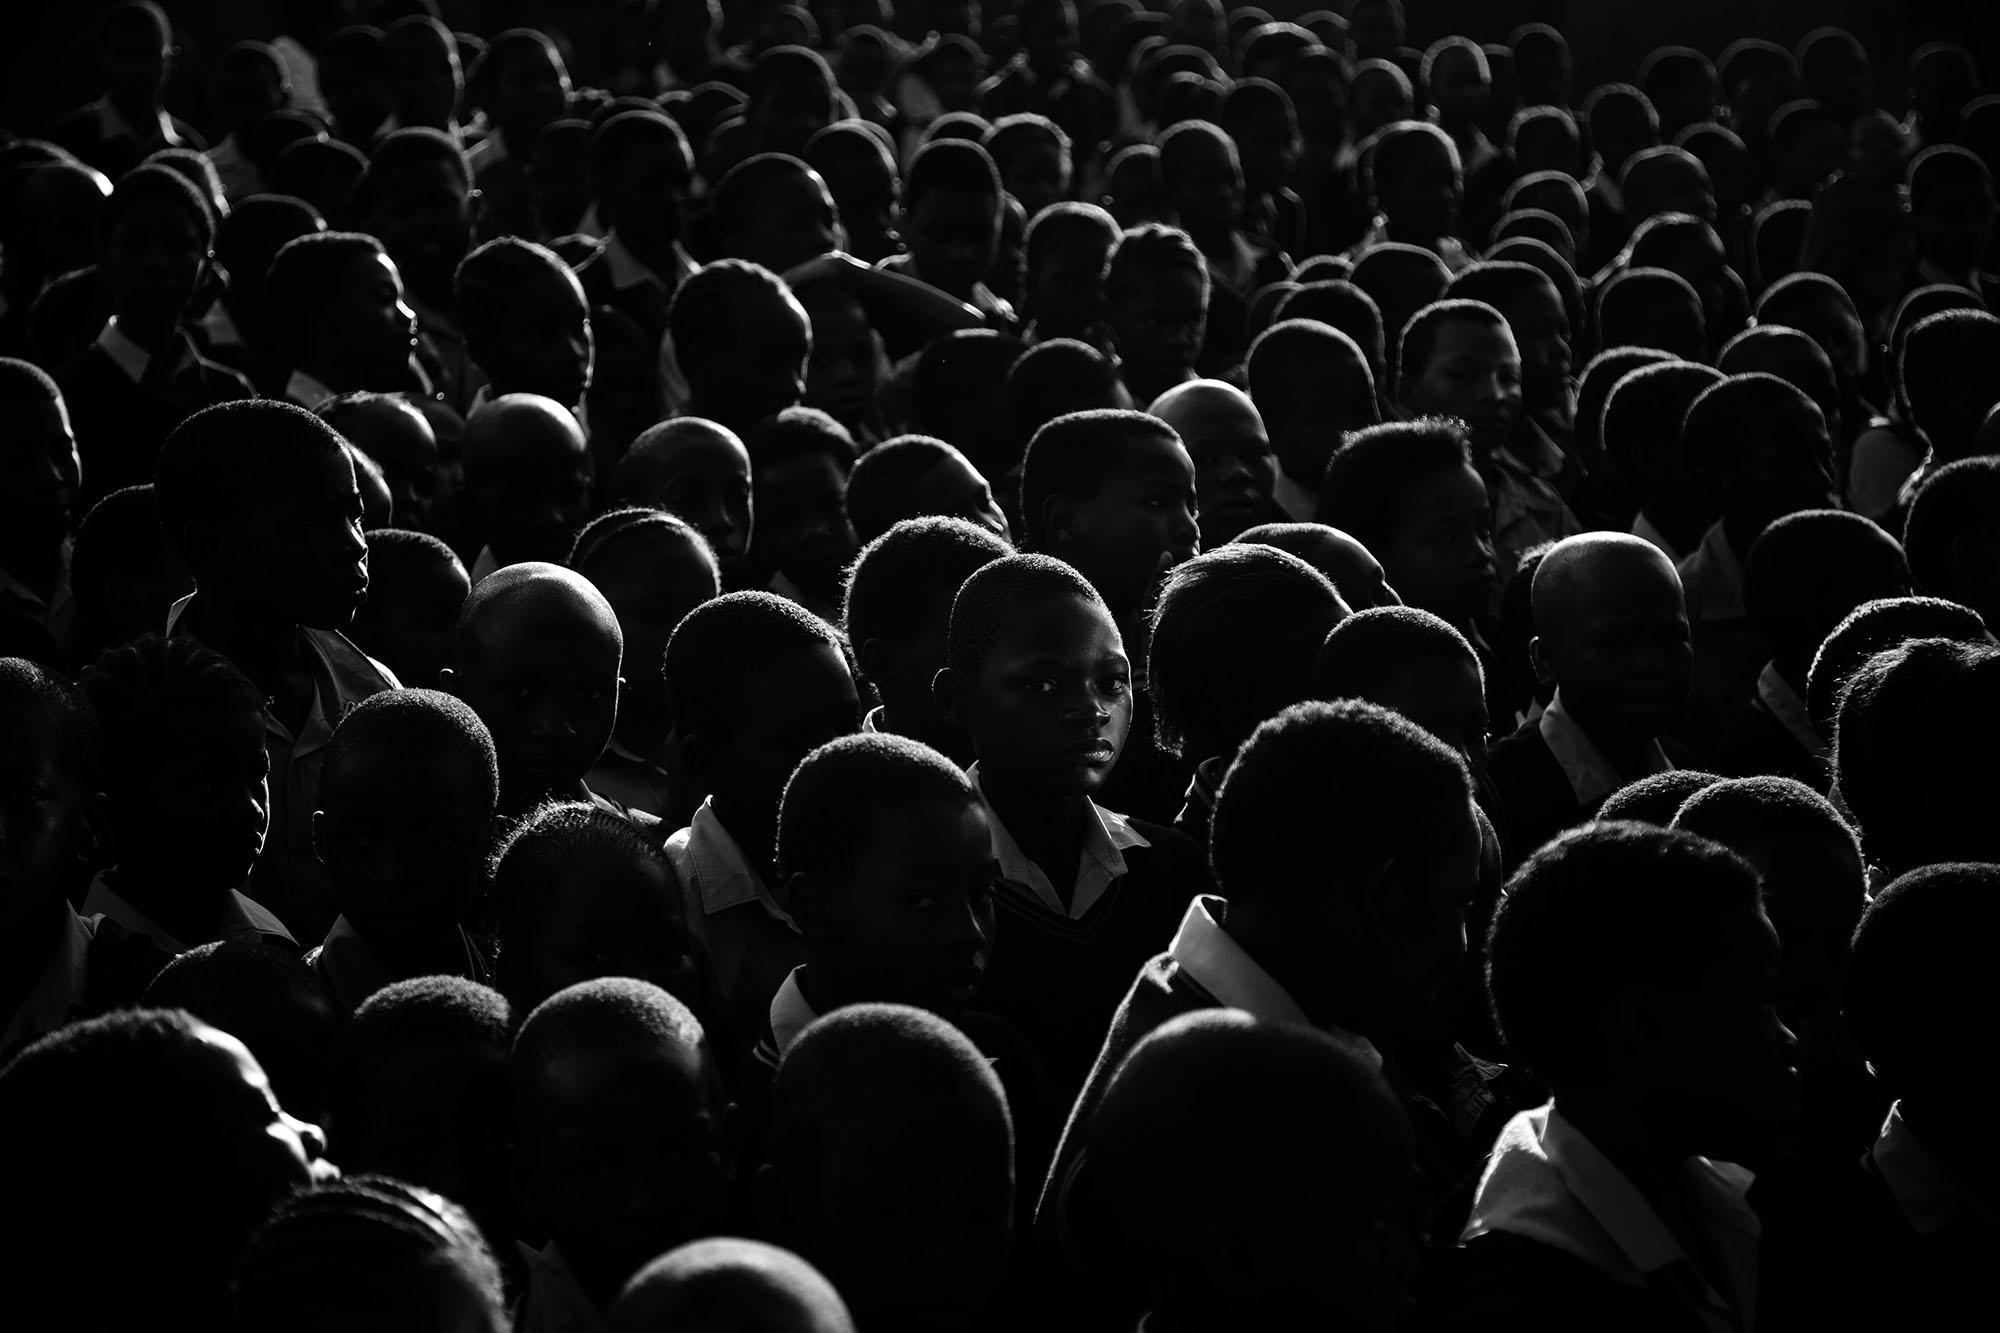 スペシャル・トーク第3回<br>『渋谷敦志×真山仁 「伝える」とは何か』<br>2019年6月1日@富士フイルムフォトサロン